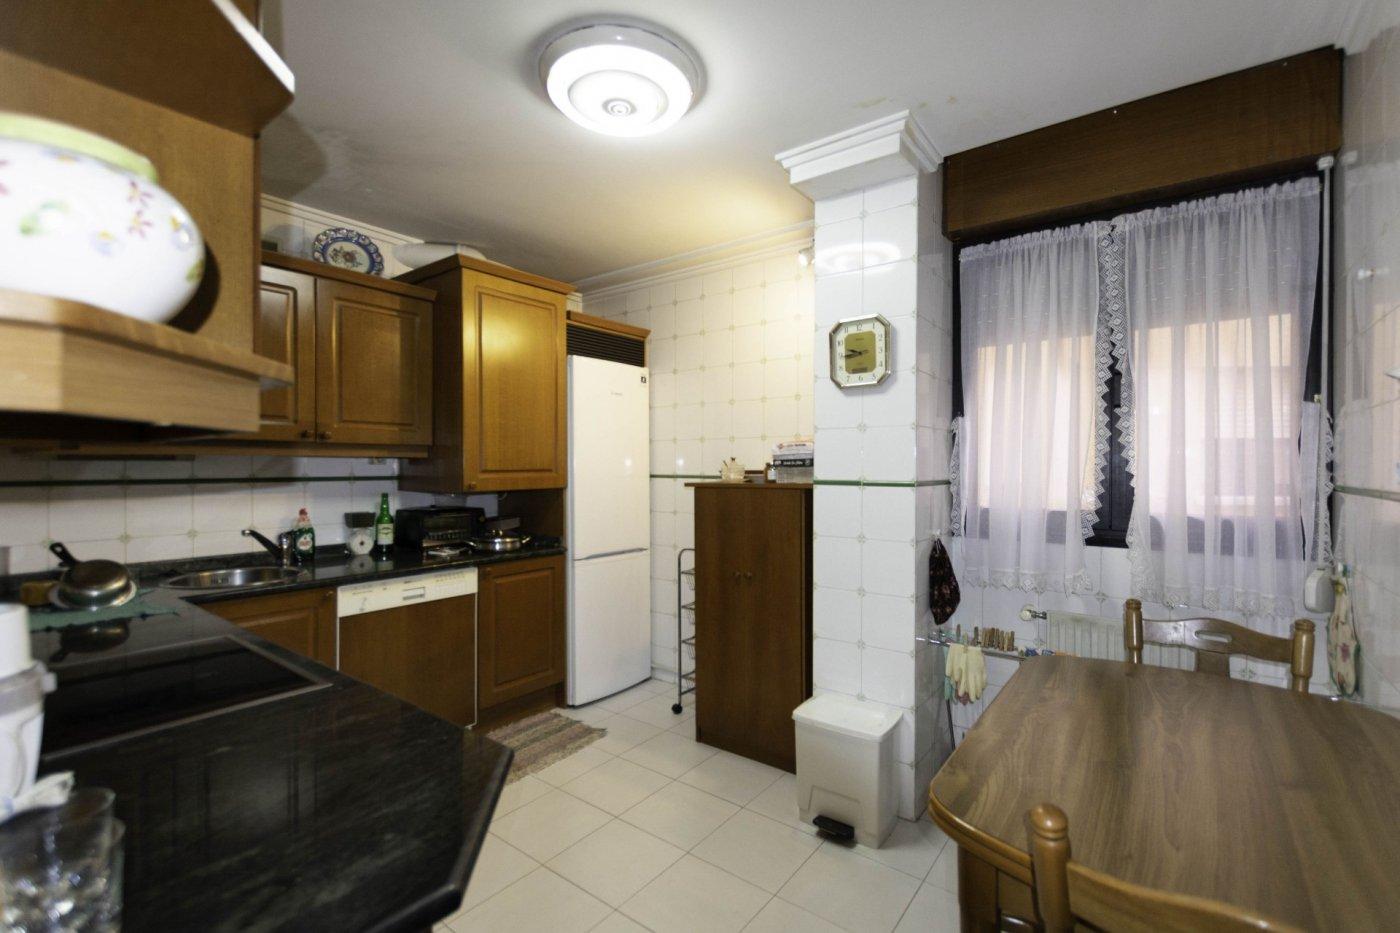 Tres habitaciones con garaje y trastero a dos minutos caminando de la calle uría. - imagenInmueble5